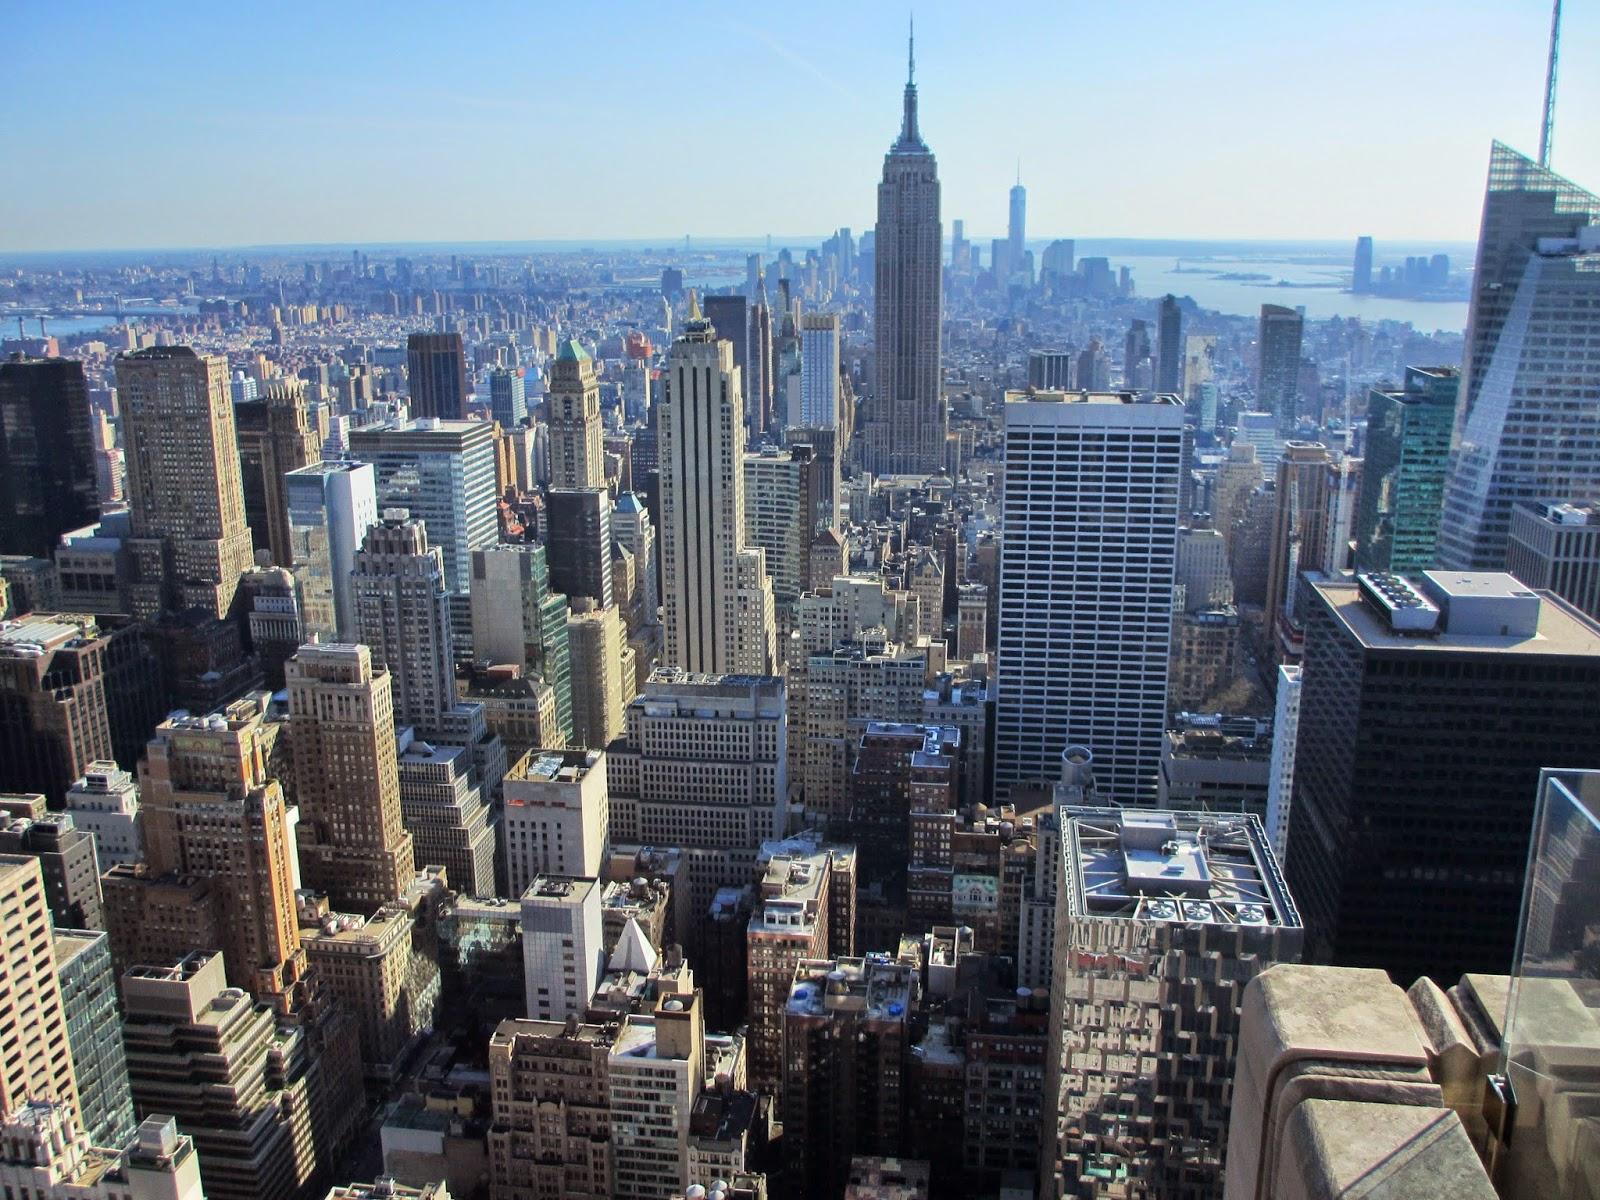 Subir ao TOP OF THE ROCK, ou como estar no Top of the World, em Nova Iorque | EUA